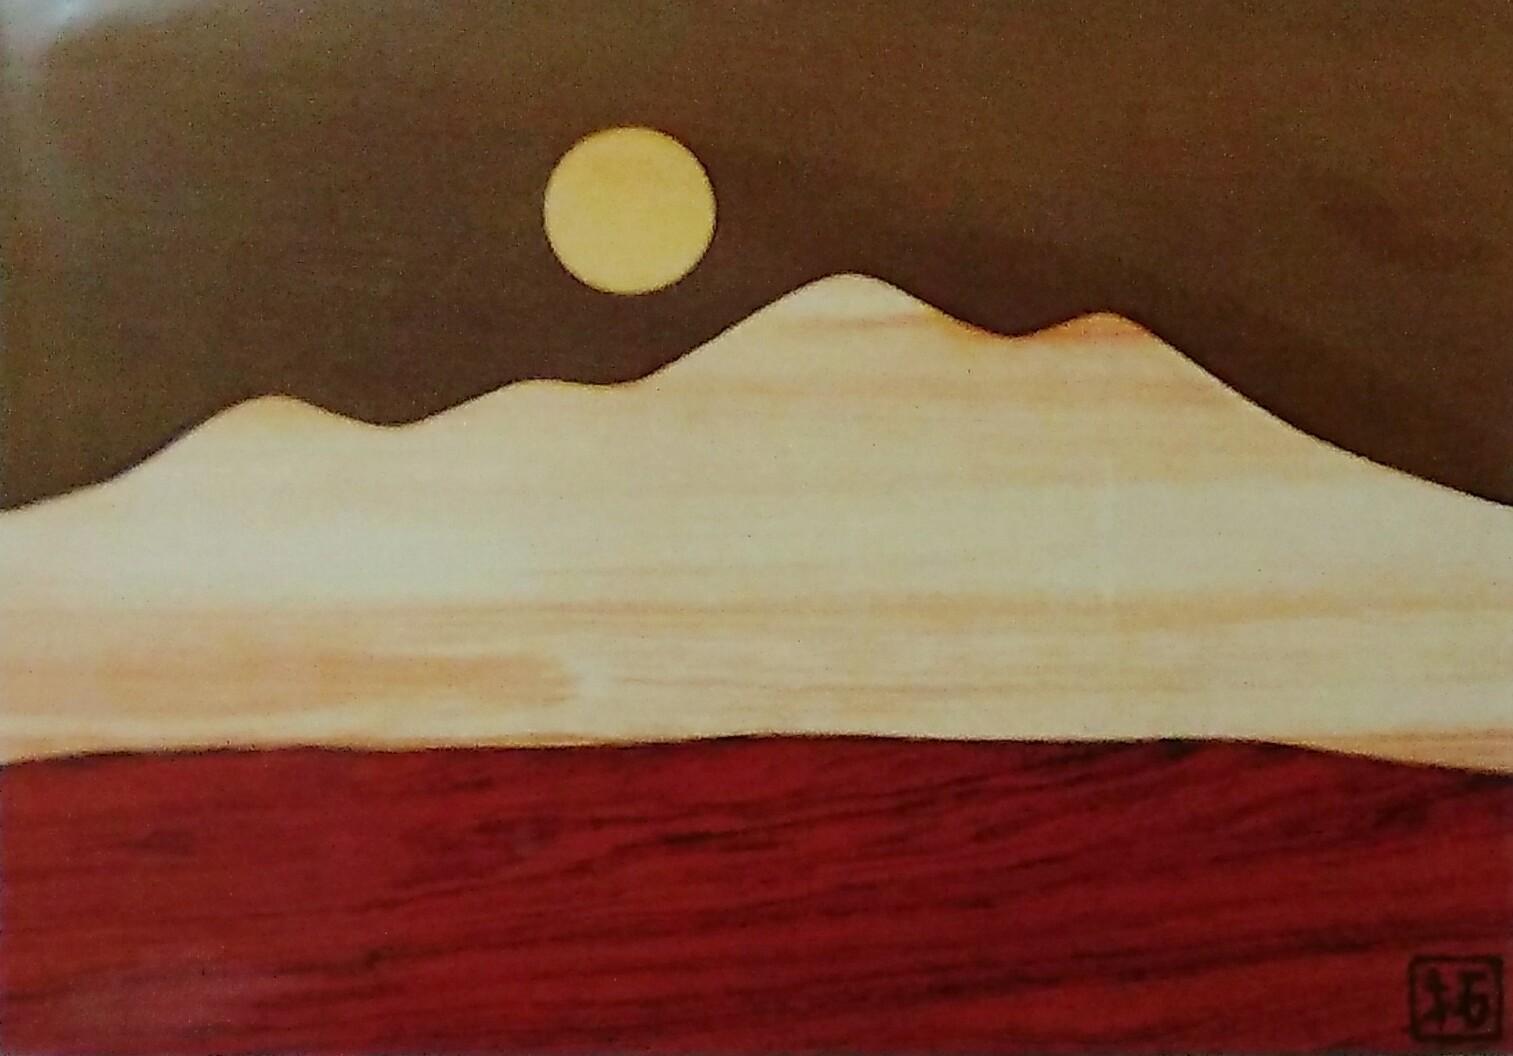 寄木細工 箱根 ポストカード 月と八ヶ岳